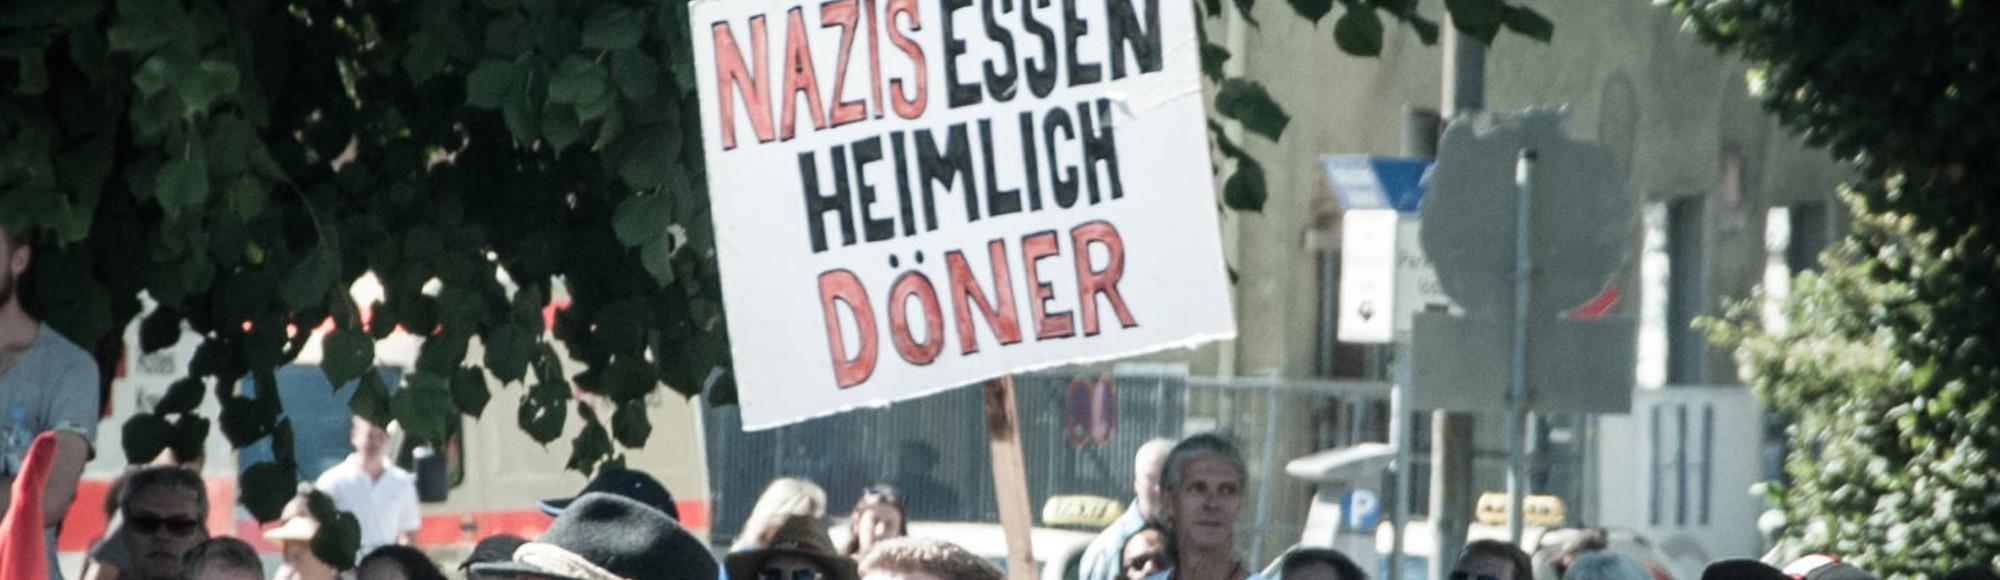 Döner, Dirndl, Deutschlandfahne – Ein Bericht von der Neonazi-Demo in Rosenheim